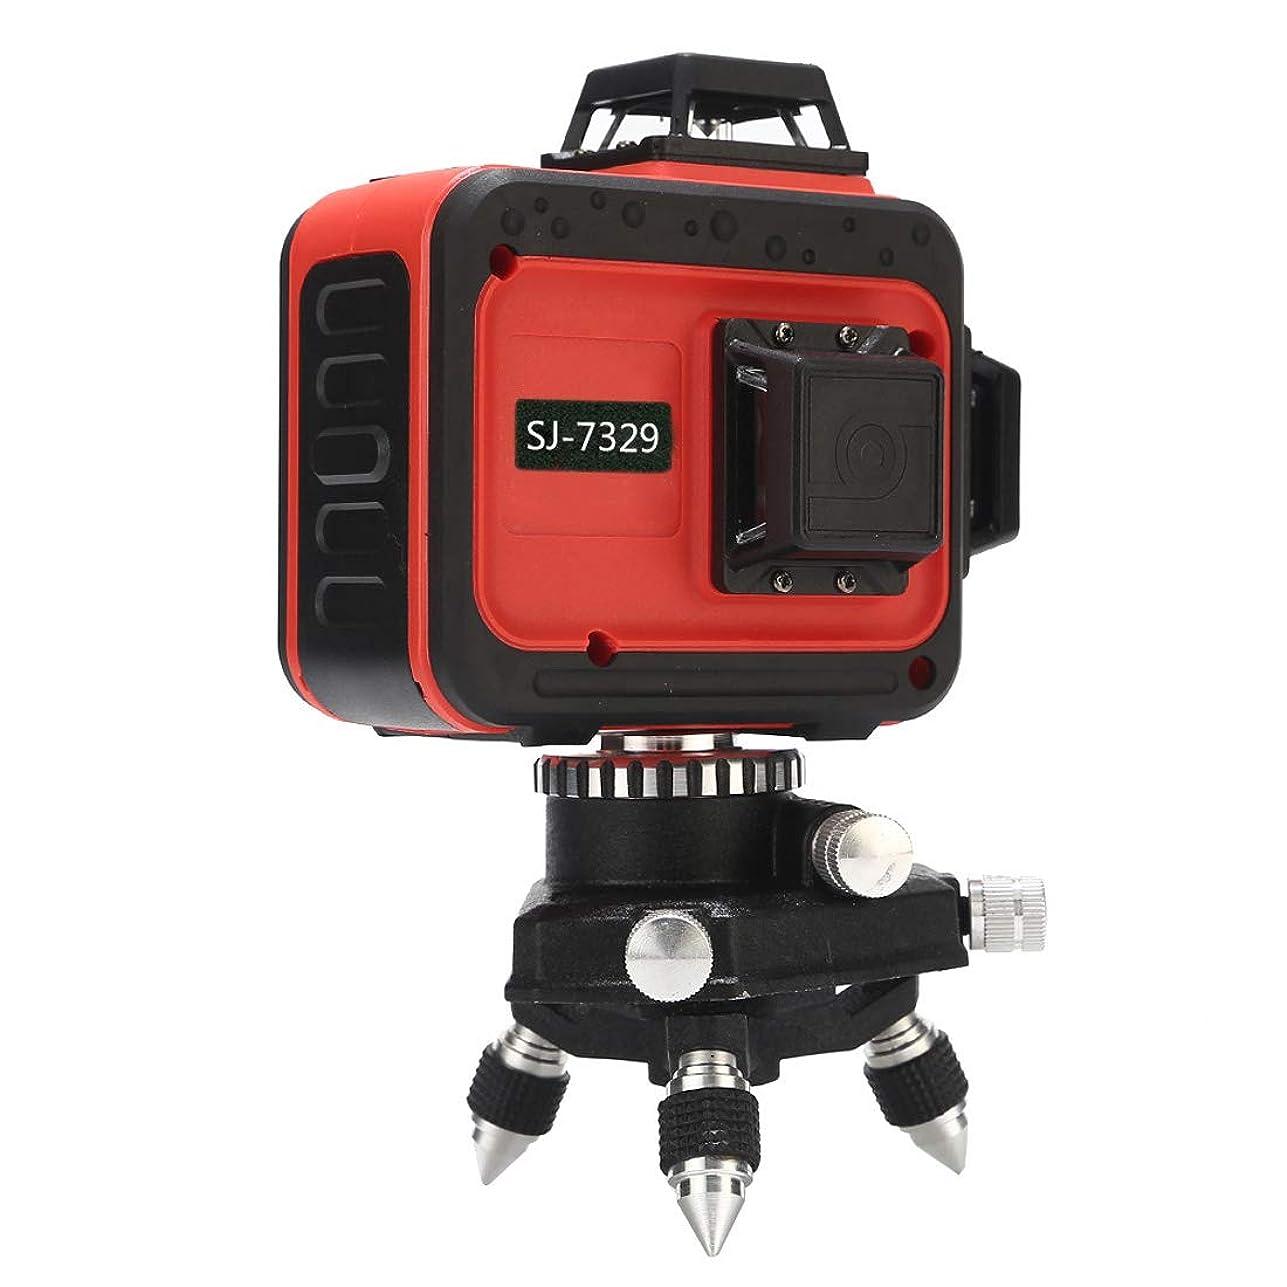 お勧め着服比較的3D LASER 12ライン フルラインイン レッドレーザー墨出し器 SJ-7329 360°垂直*2?360°水平*1イン レッドレーザー墨出し器 レーザーレベル 水平器 メーカー1年保証